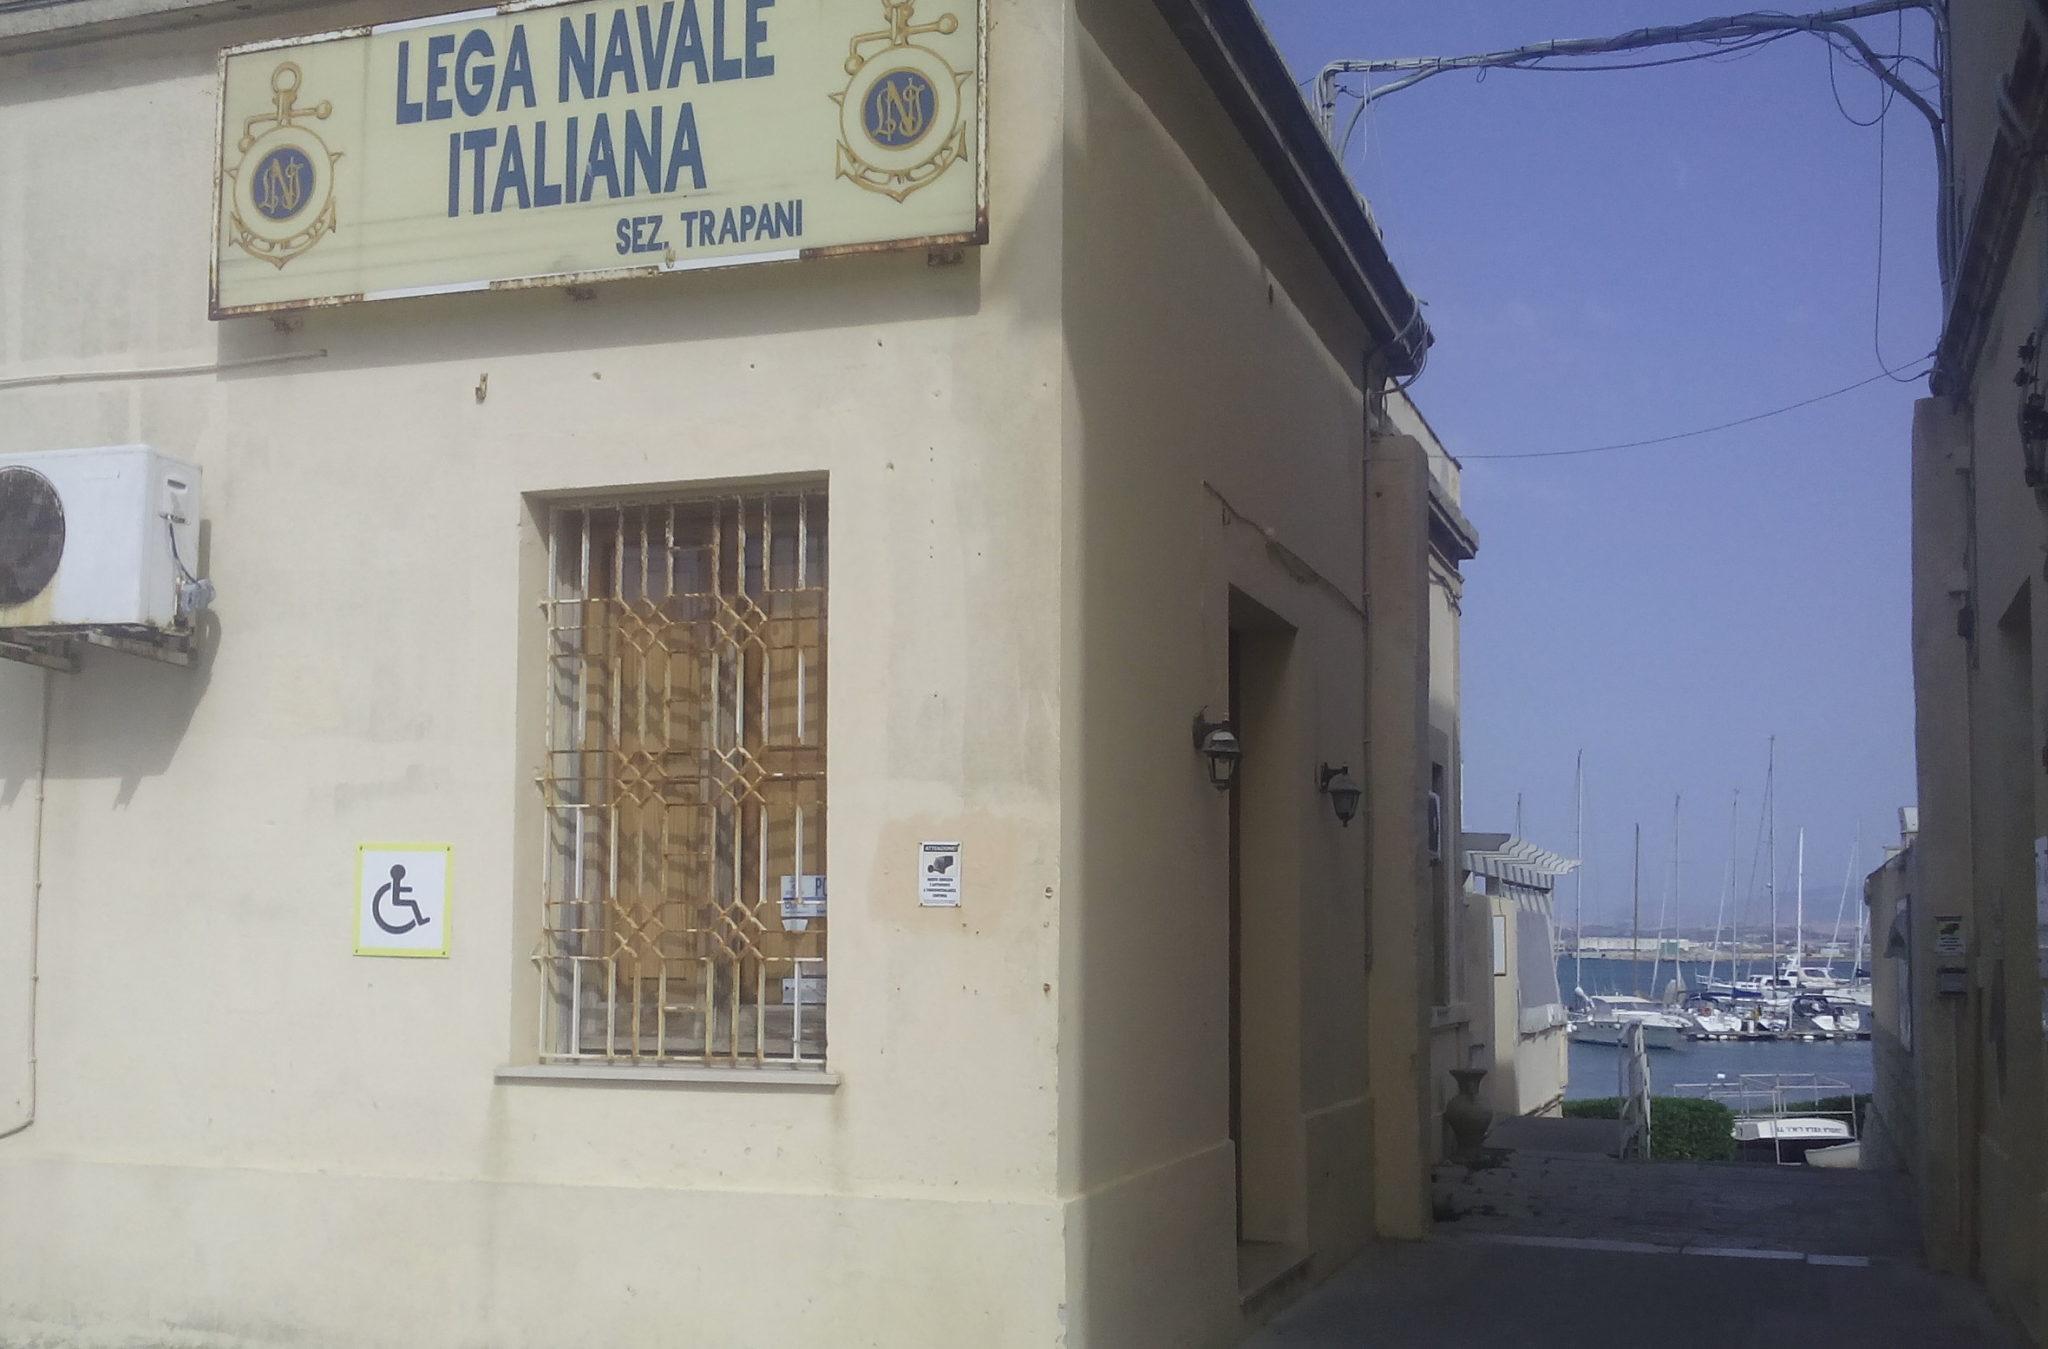 Uffici della Lega Navale